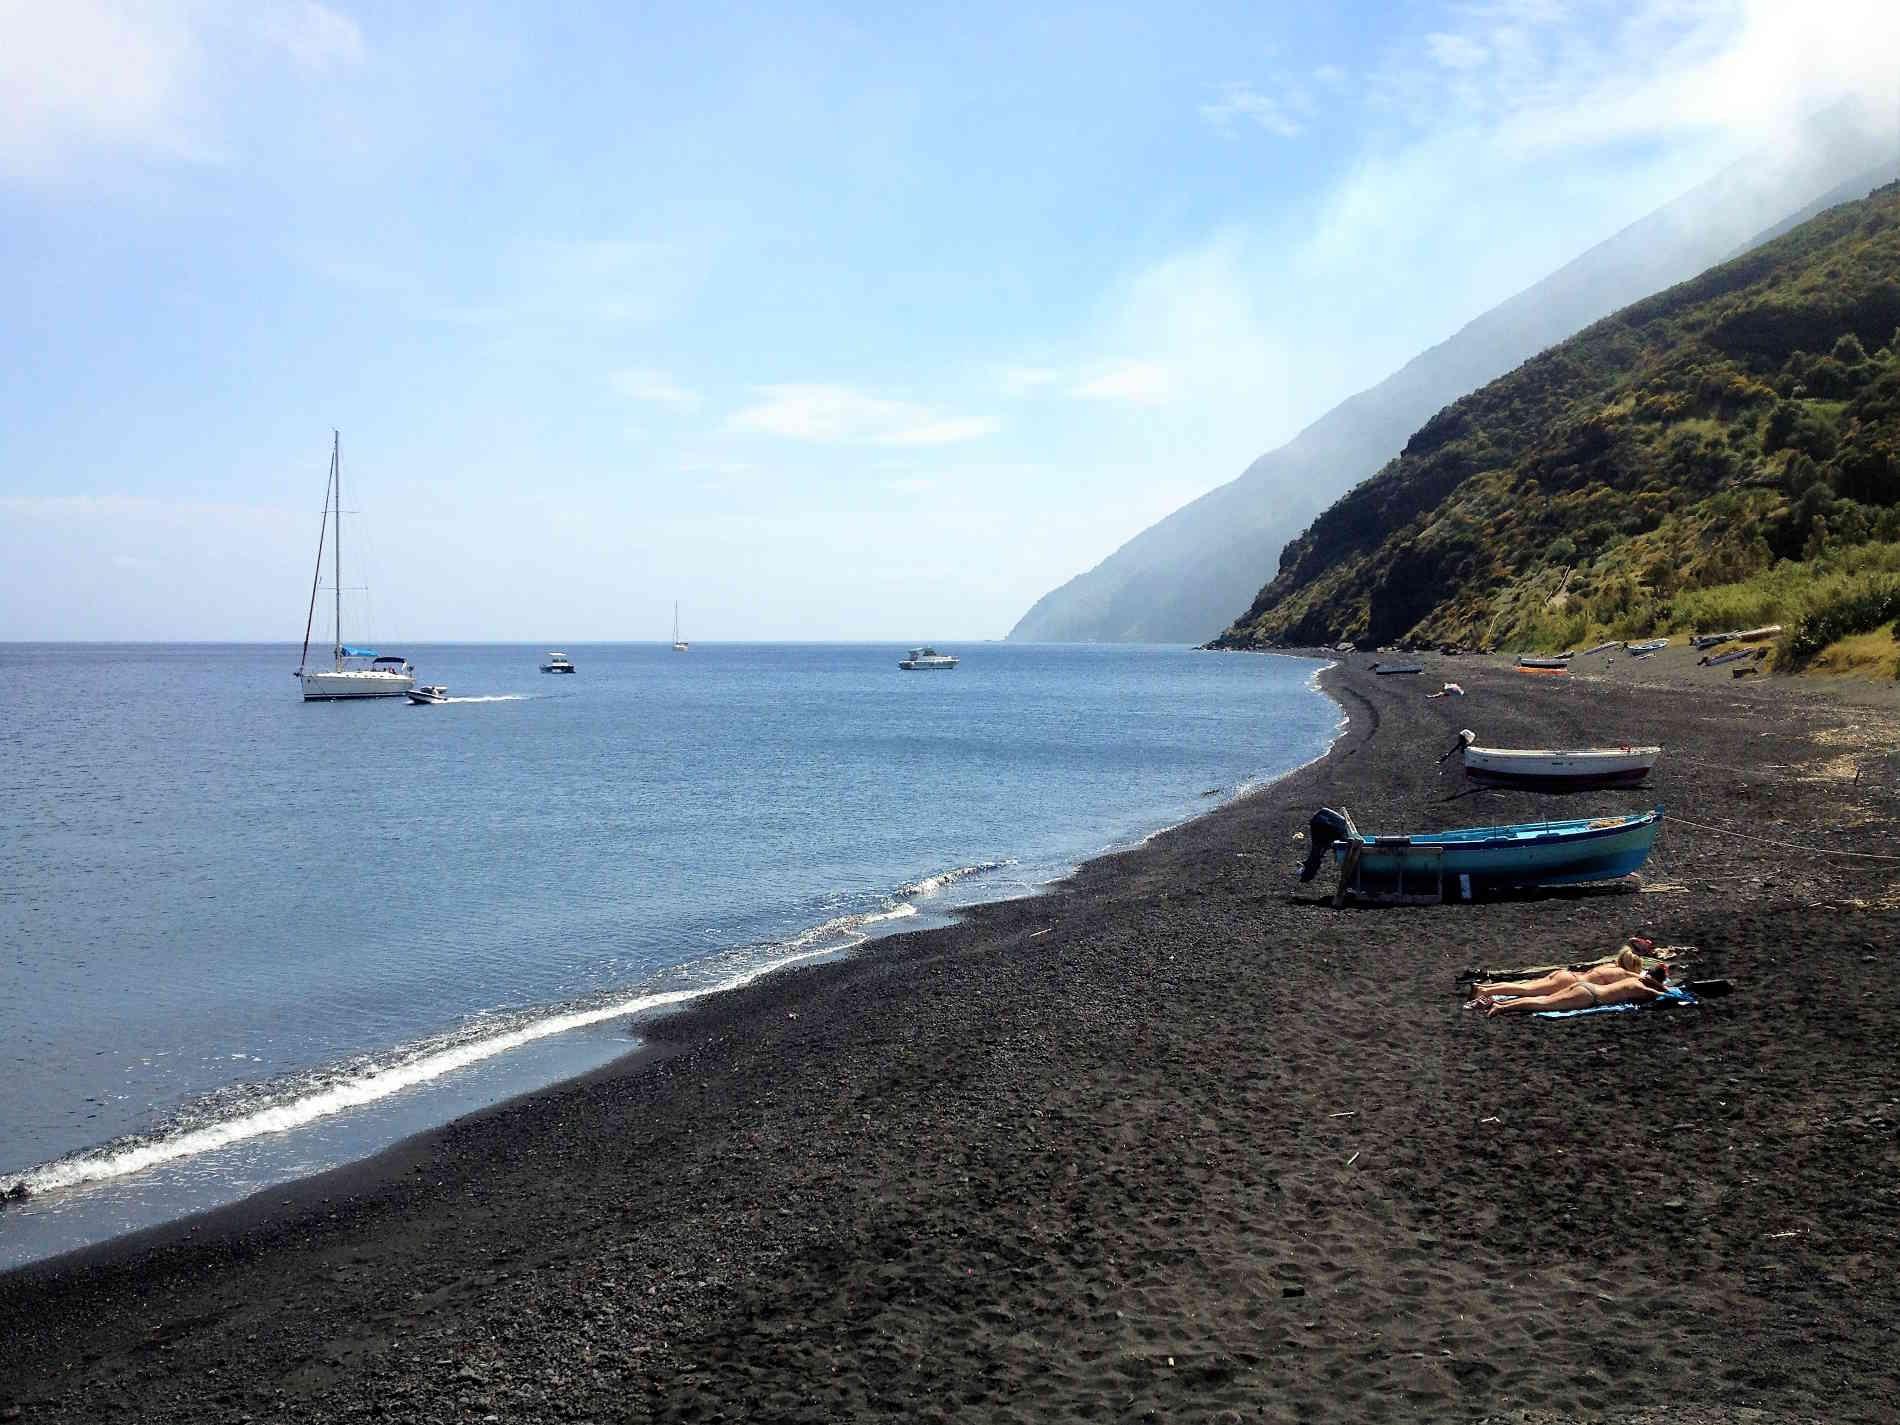 La spiaggia di sabbia nera a Stromboli Isole Eolie Patrimonio UNESCO Sicilia